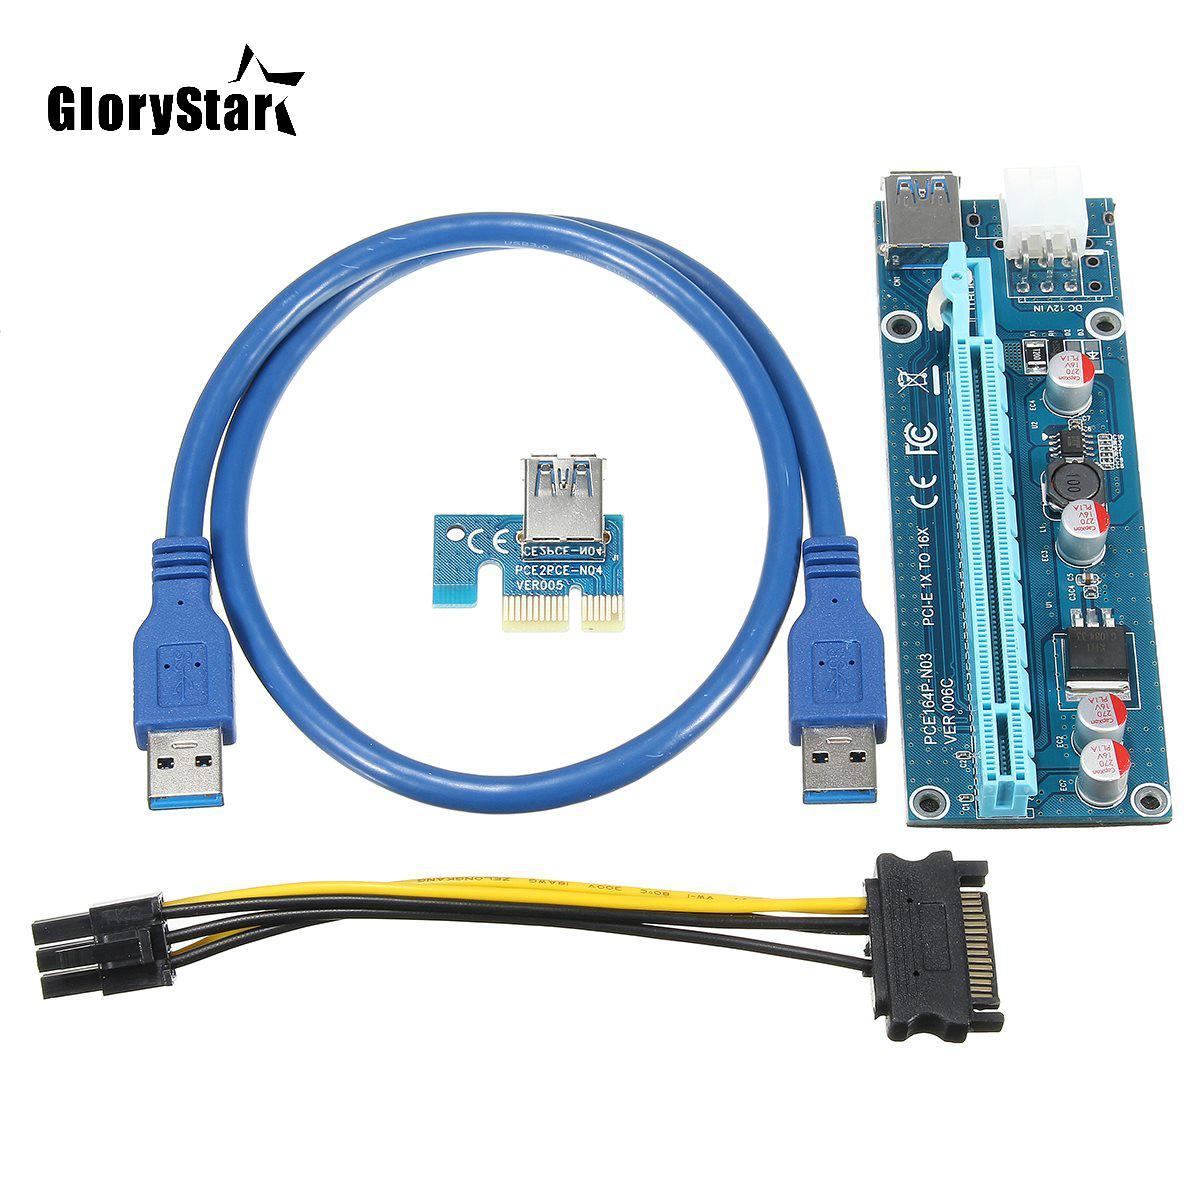 الجملة مل 3pcs USB 3.0 PCI-E بطاقة الناهض اكسبريس 1X 4X 8X 16X موسع الناهض محول SATA 15PIN ذكر إلى 6PIN كابلات كهرباء